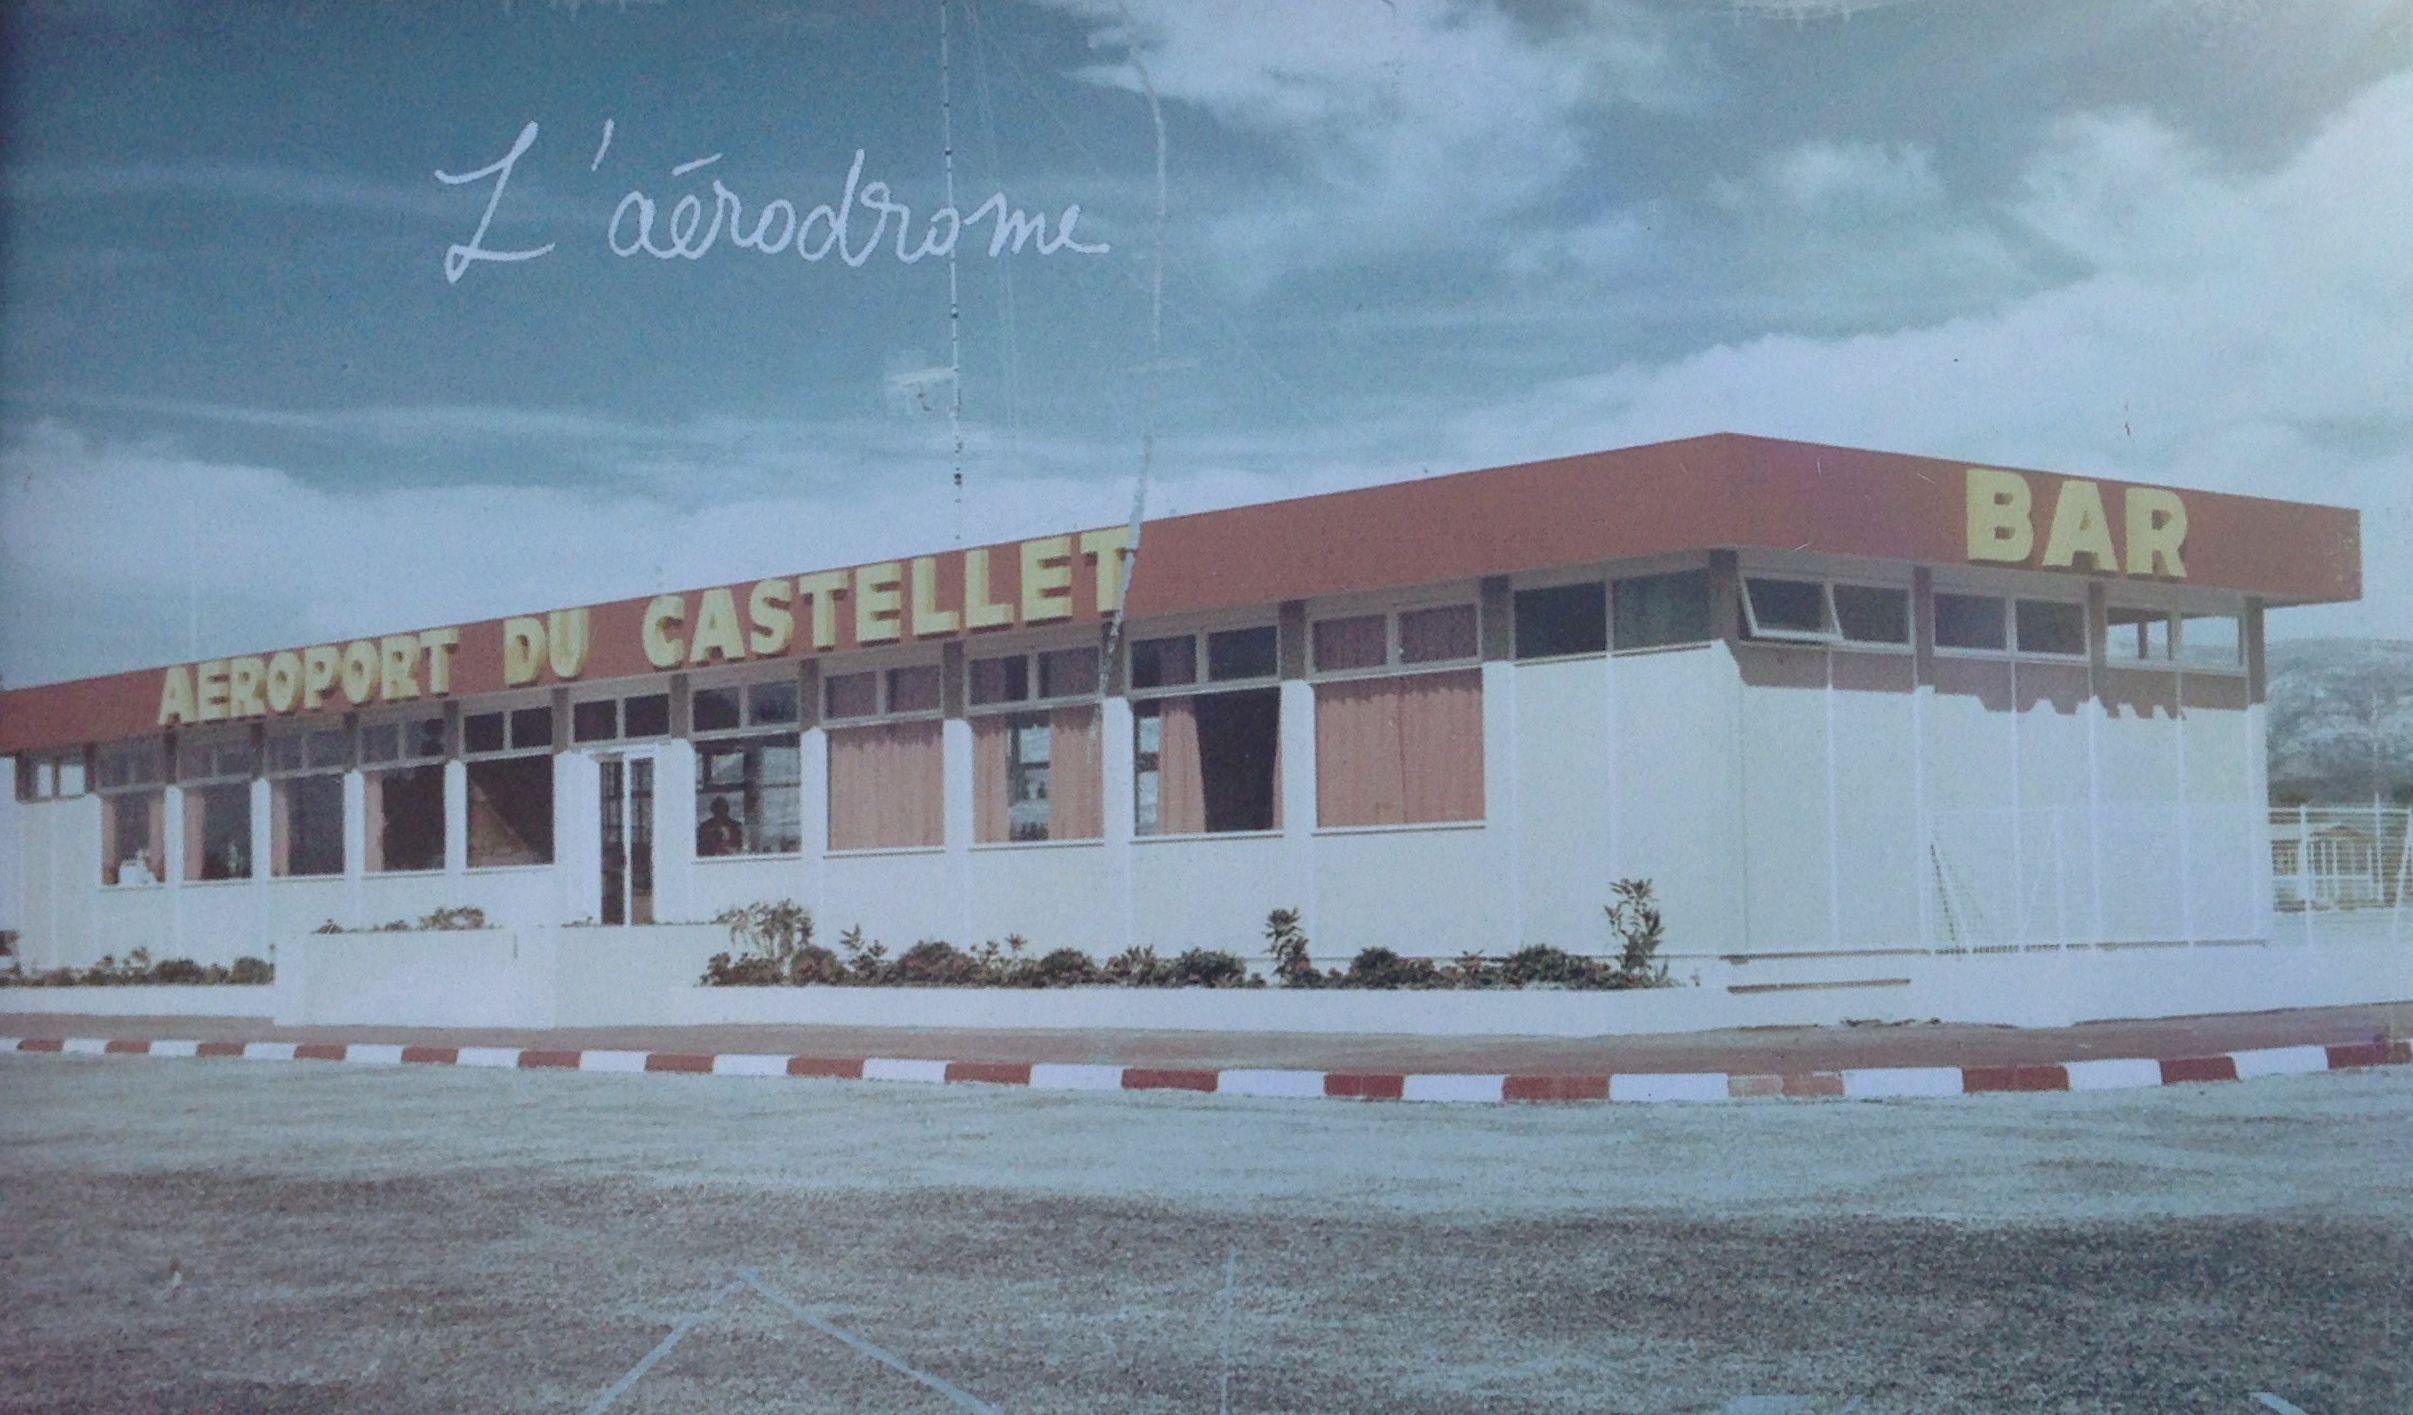 aéroport du castellet bar, picture from the Paul Ricard